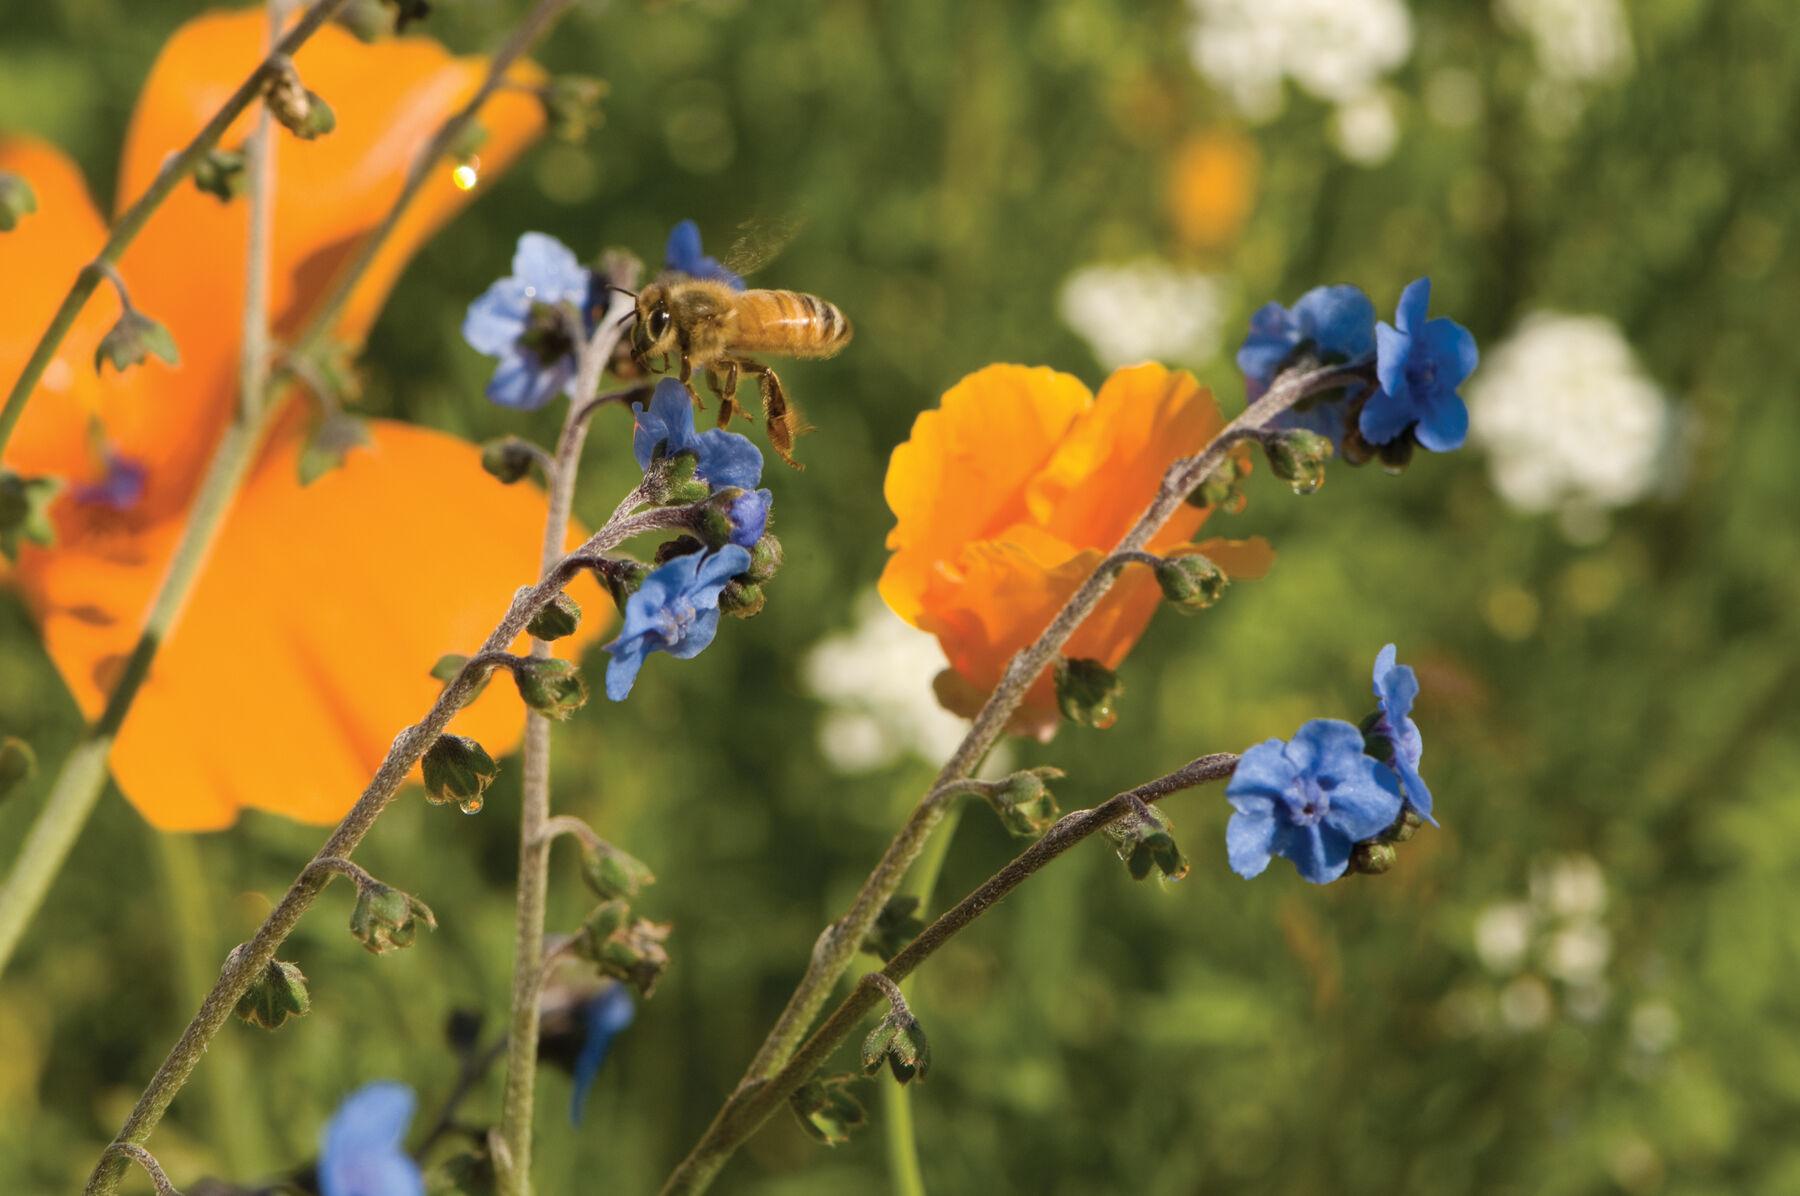 ¿Más que proteína? Interacciones abeja-flor y efectos de los regímenes de perturbación revelados por el polen raro en los nidos de abejas | SpringerLink